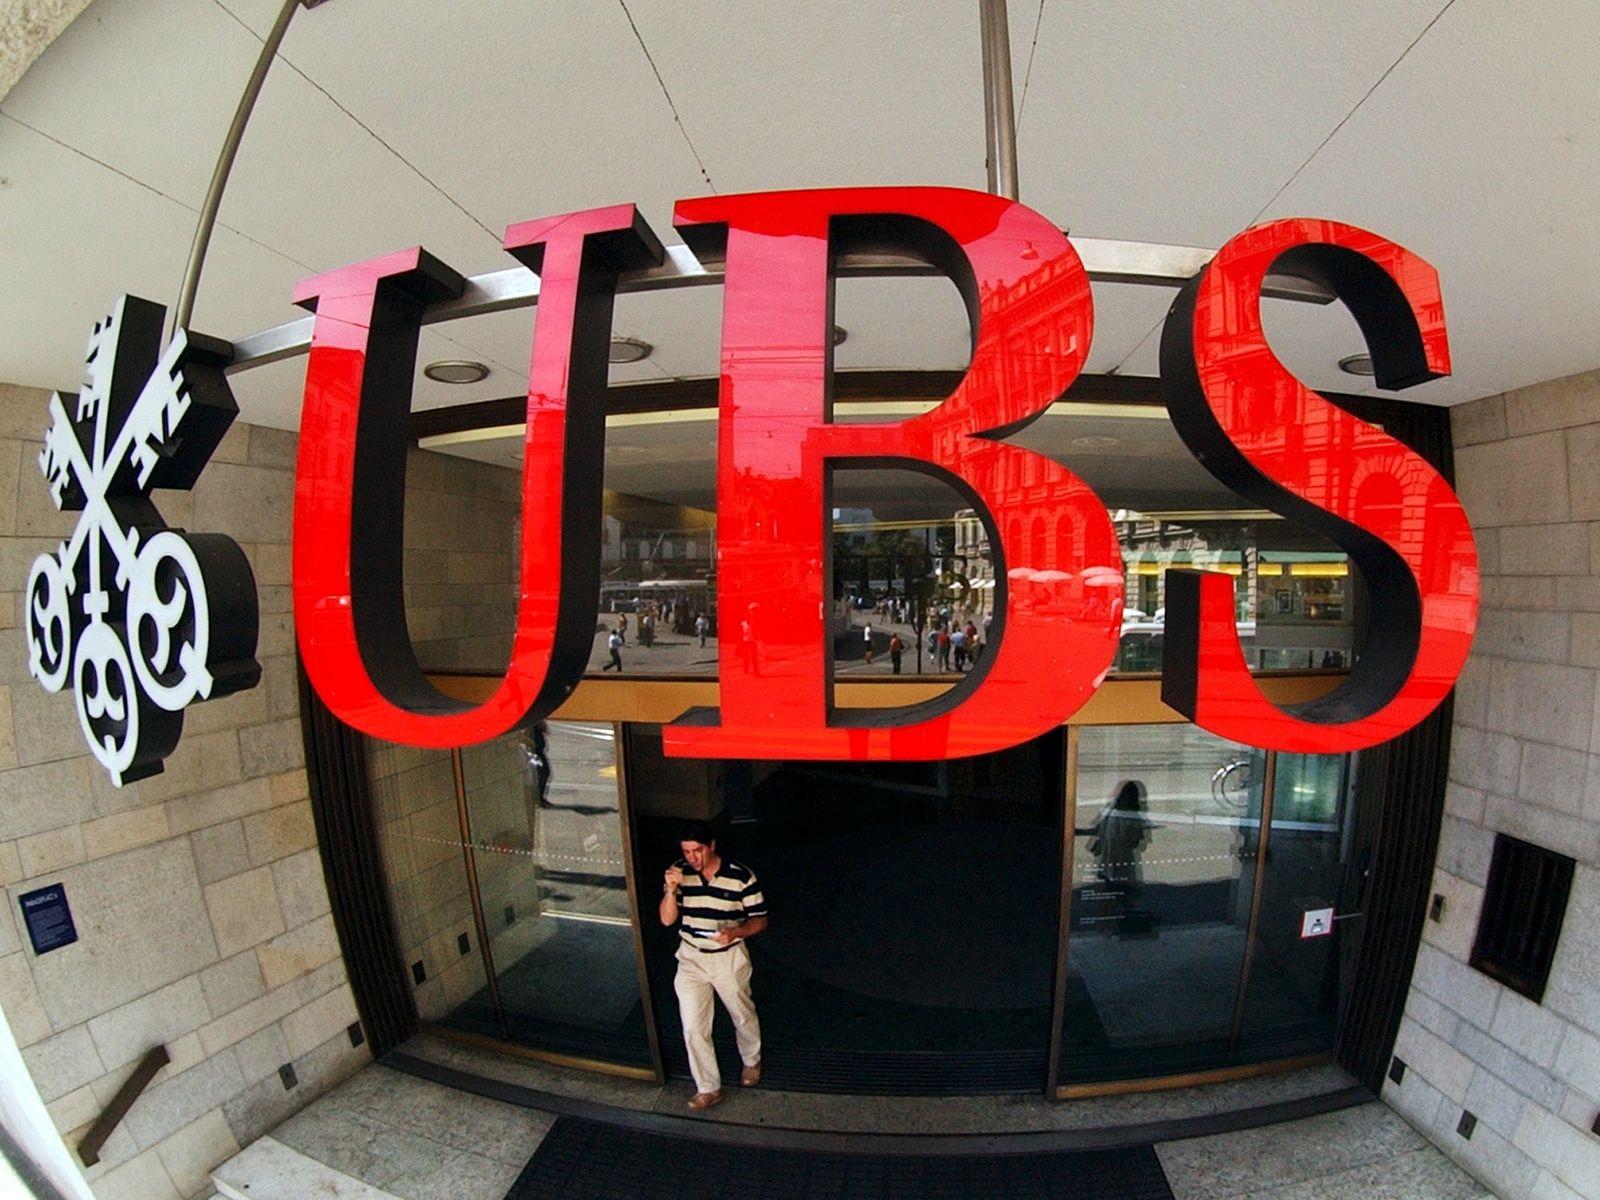 SWITZERLAND UBS CUBA